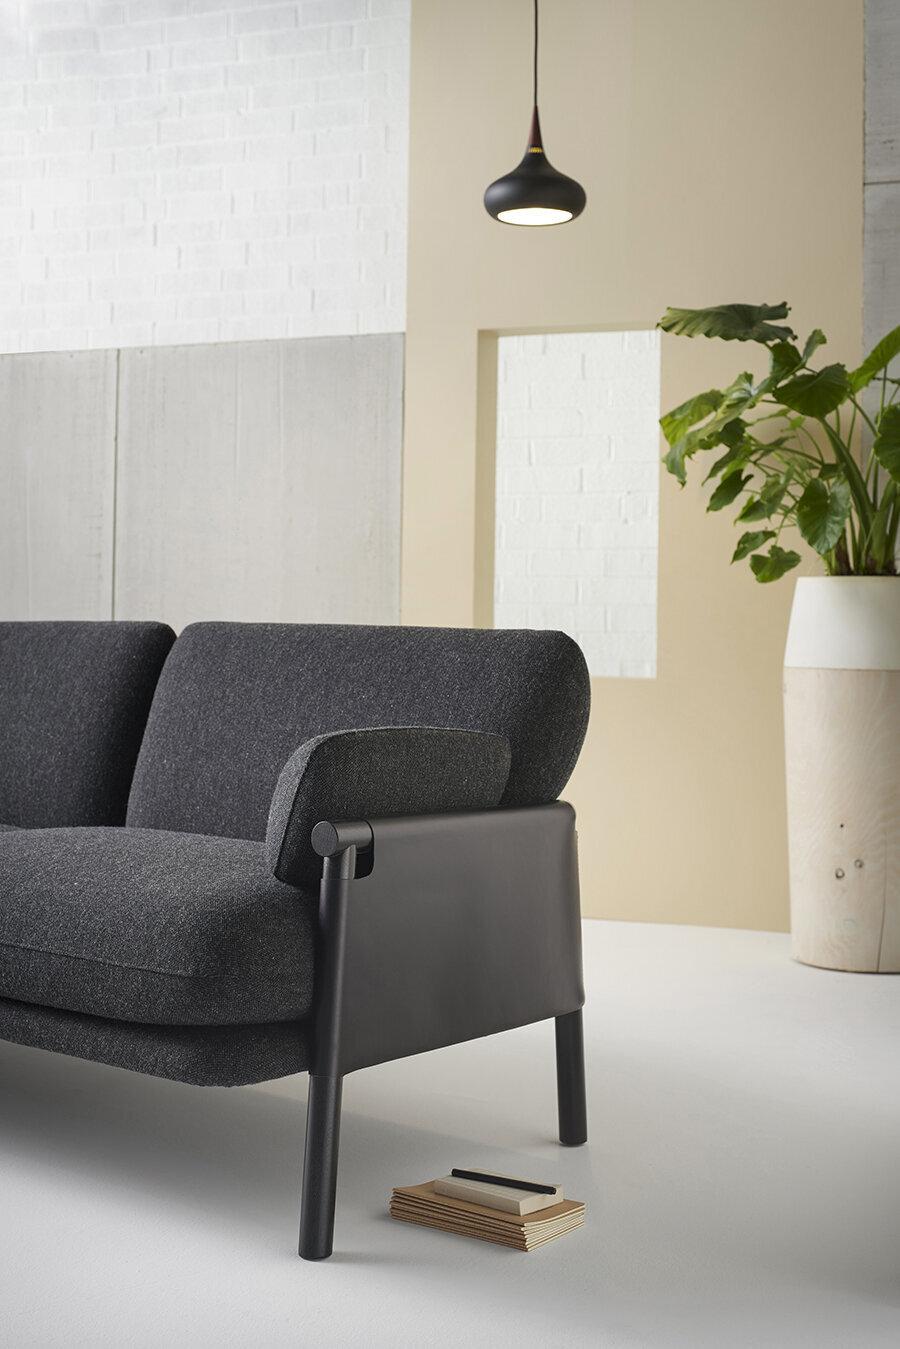 Siyah koltuk üzerinde siyah led ışık                                      Siyah rengin normalde boğucu bir özelliği olduğu söylenir. Ancak diğer mobilya renk tercihlerinde gördüğümüz gibi açık tonda renkler odaya ferah bir derinlik katmış görünüyor.